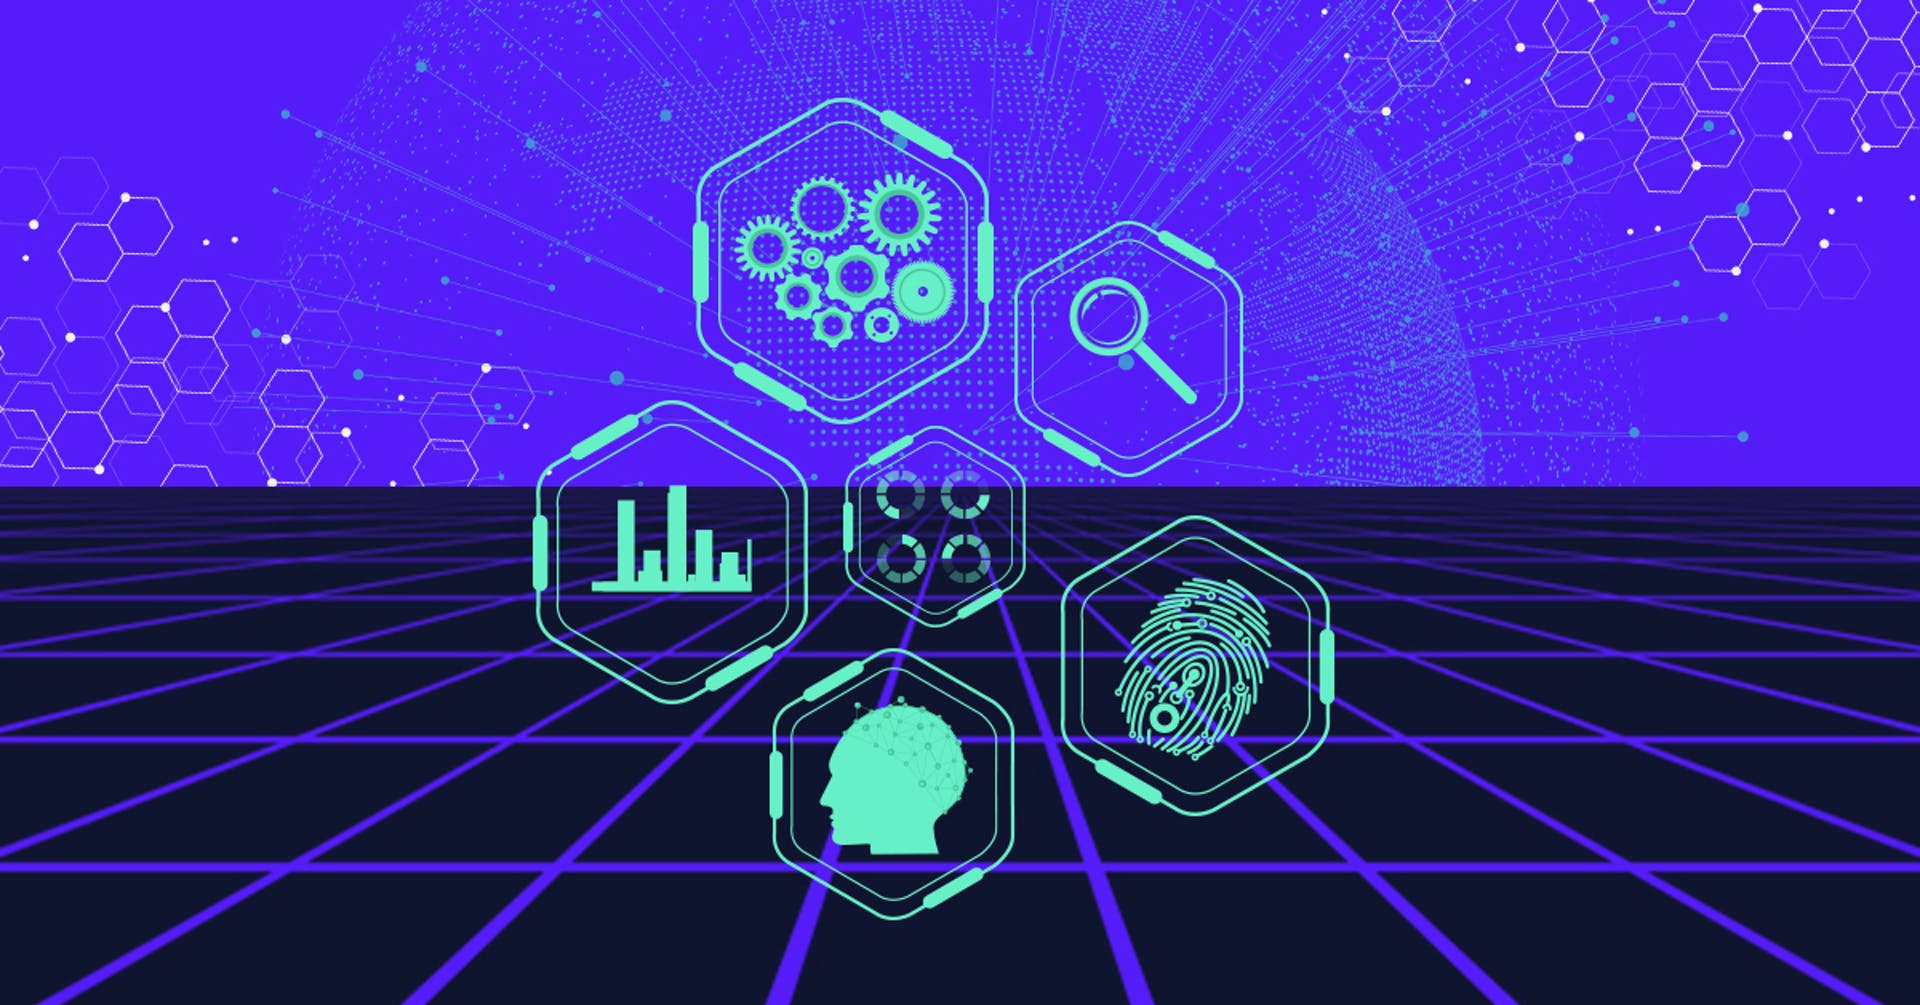 5 tendencias tecnológicas 2021 que impactarán la forma en que vivimos